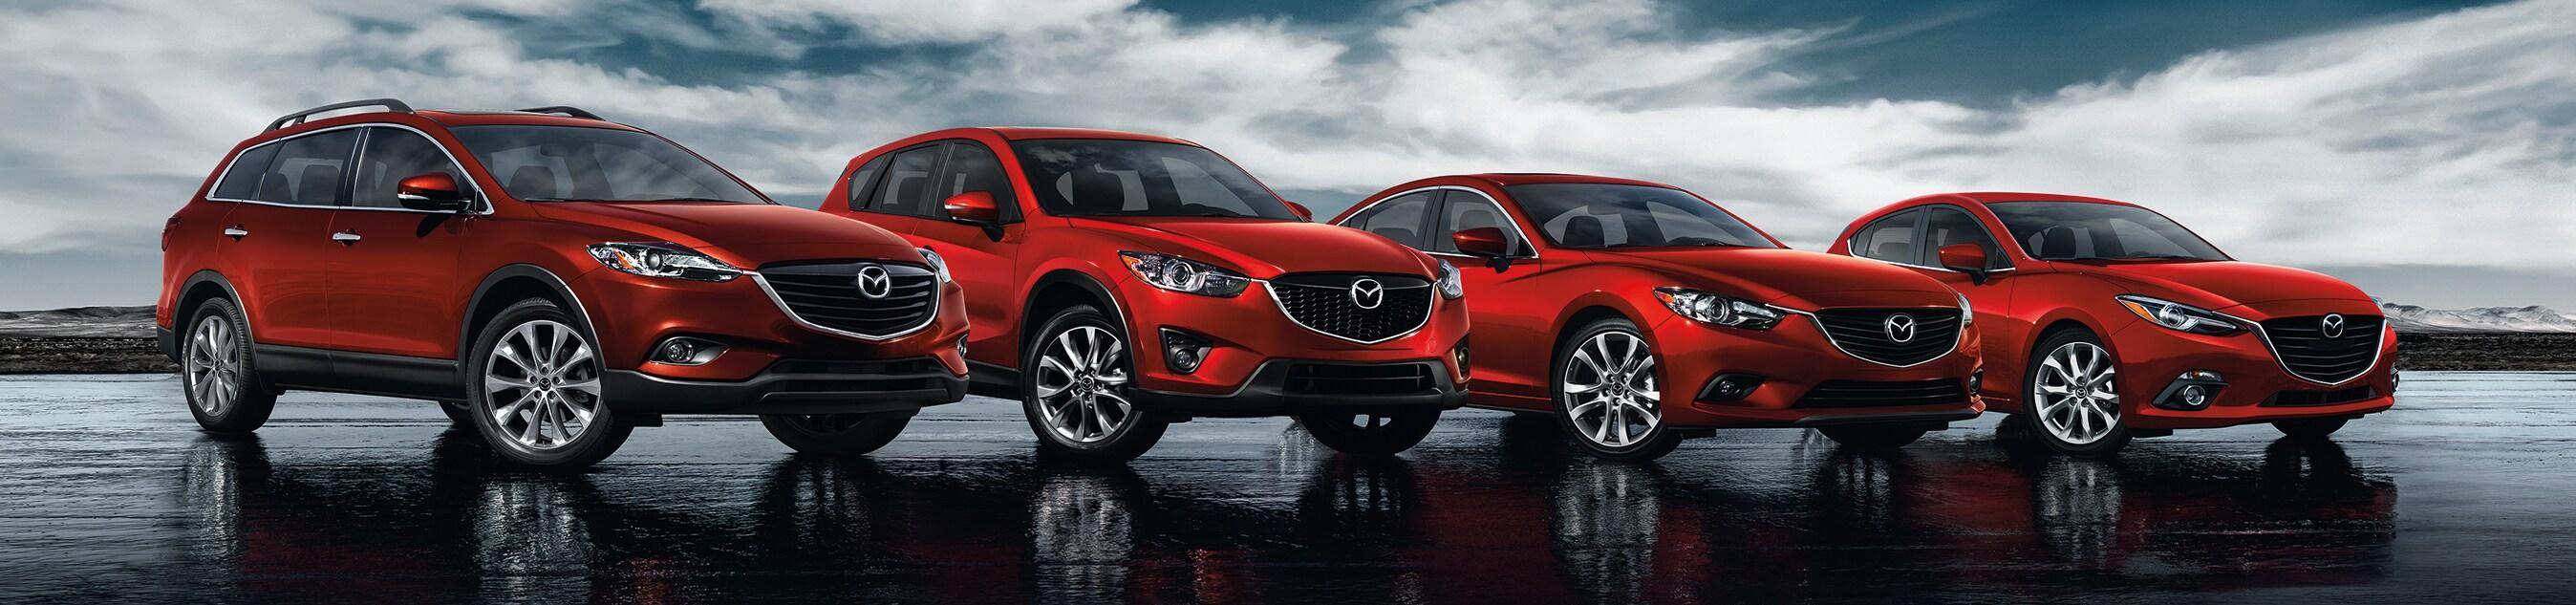 APR On Select New Mazda Models At Culver City Mazda - Mazda 0 apr